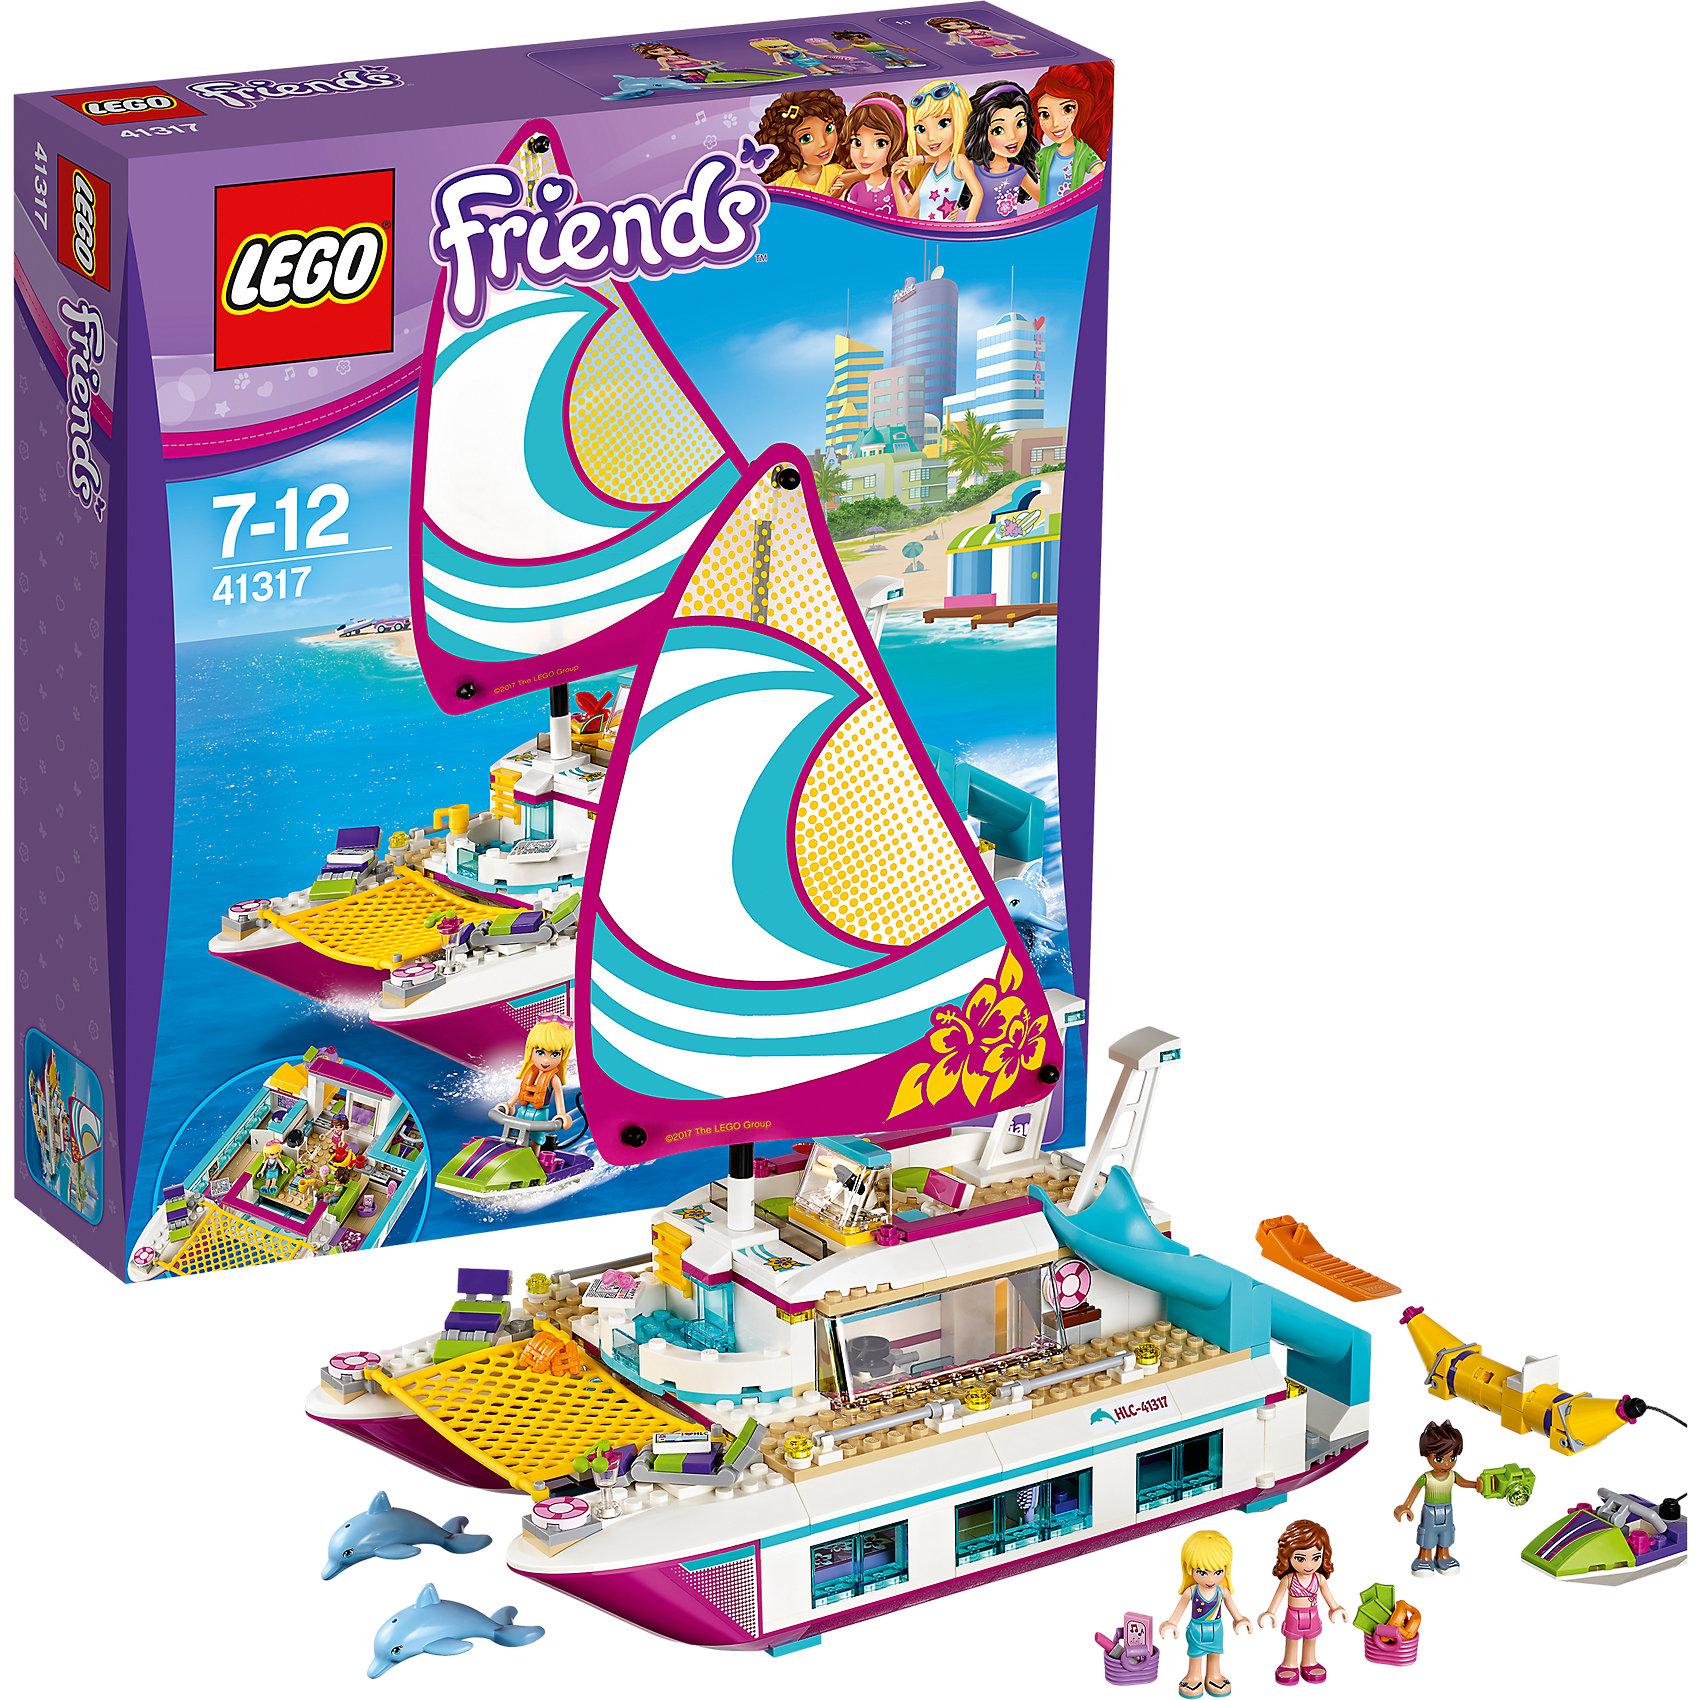 LEGO Friends 41317: Катамаран СаншайнПластмассовые конструкторы<br>Характеристики товара: <br><br>• возраст: от 7 лет;<br>• материал: пластик;<br>• в комплекте: 603 детали, 3 минифигурки, 2 фигурки дельфинов;<br>• размер упаковки: 35,4х37,8х9,4 см;<br>• вес упаковки: 1,32 кг;<br>• страна производитель: Китай.<br><br>Конструктор Lego Friends «Катамаран Саншайн» из серии Лего Подружки, разработанной специально для девочек. Из деталей собирается парусный катамаран для морских прогулок. На борту расположены шезлонги для отдыха и горка для спуска в воду. Имеется и каюта, где есть спальня, ванная и небольшая кухня. В грузовом отсеке размещается скутер.<br><br>Конструктор Lego Friends «Катамаран Саншайн» можно приобрести в нашем интернет-магазине.<br><br>Ширина мм: 348<br>Глубина мм: 375<br>Высота мм: 99<br>Вес г: 1311<br>Возраст от месяцев: 84<br>Возраст до месяцев: 144<br>Пол: Женский<br>Возраст: Детский<br>SKU: 5620047